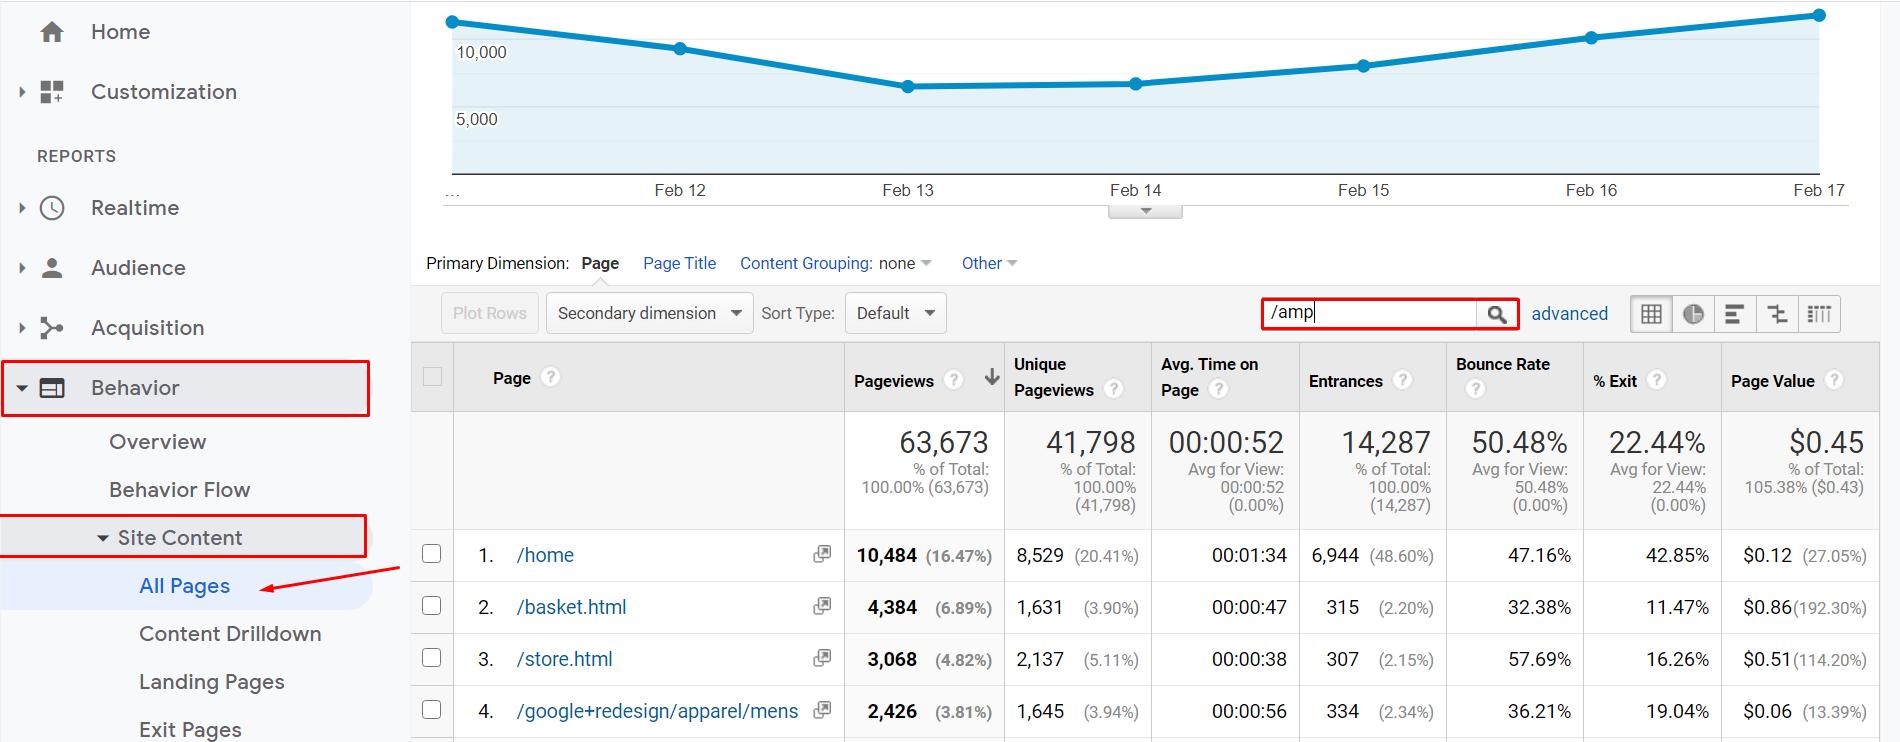 View AMP analytics in Google Analytics